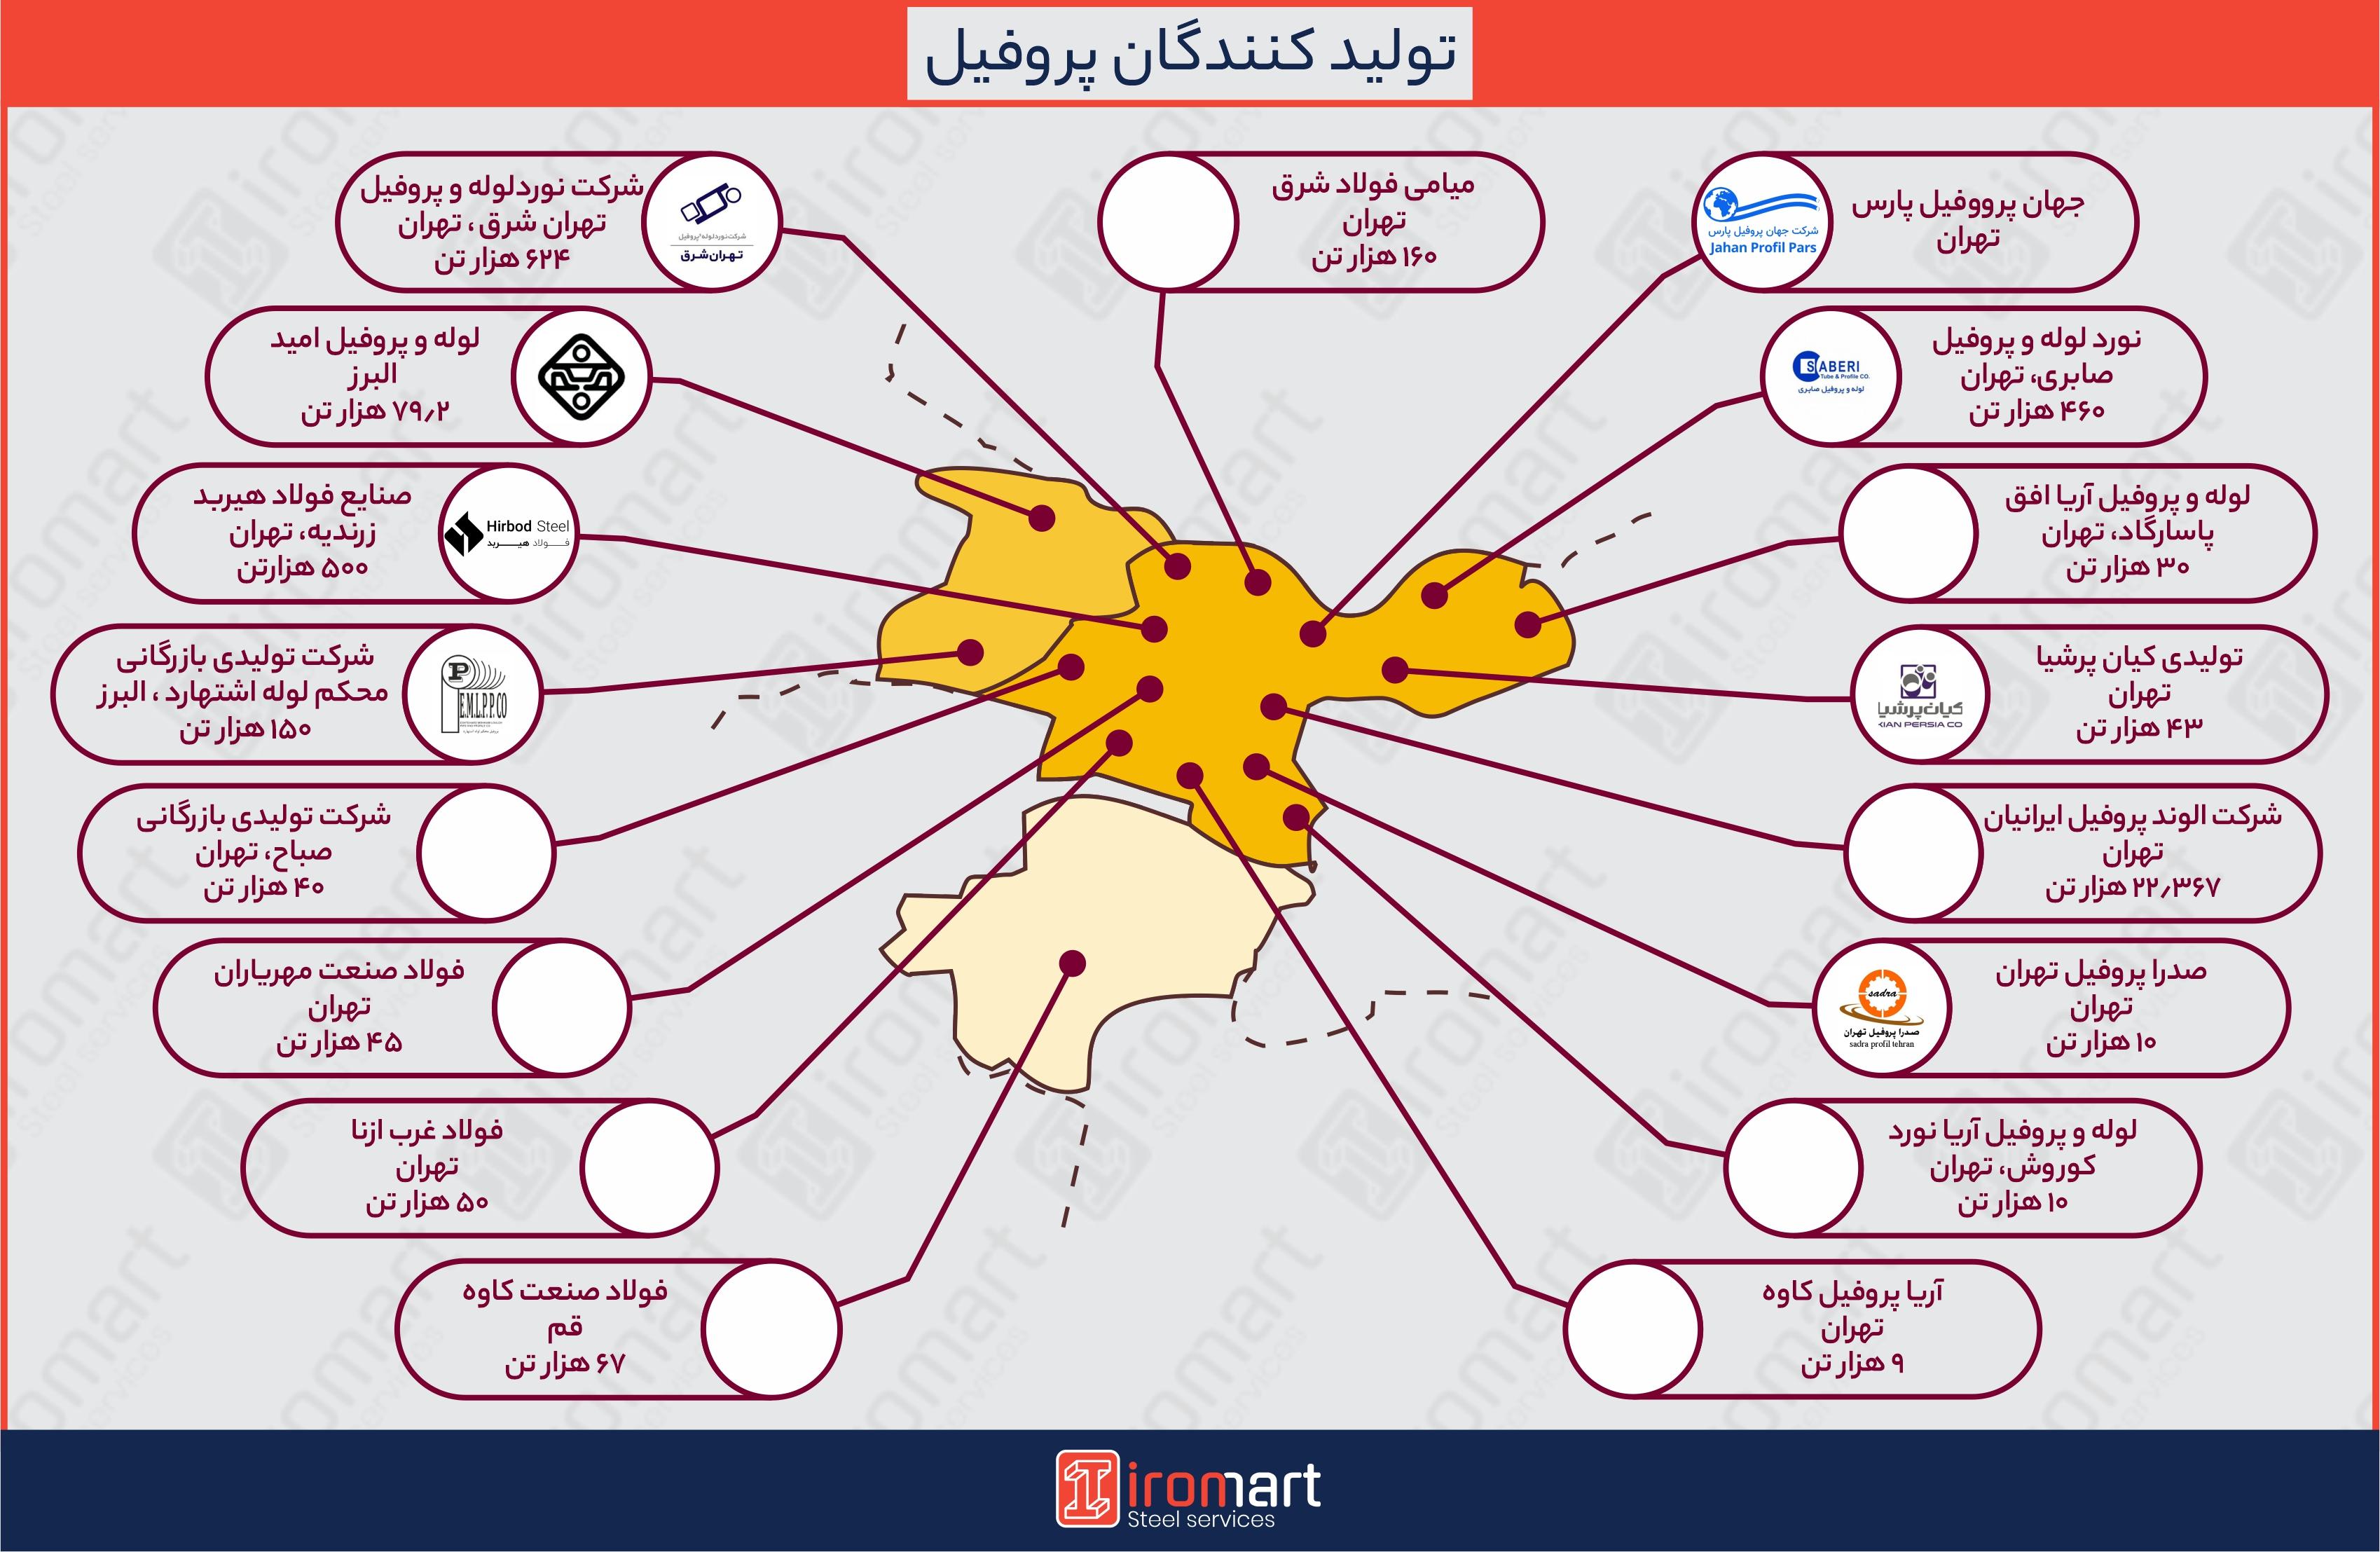 اطلس تولیدکنندگان پروفیل فولادی در ایران